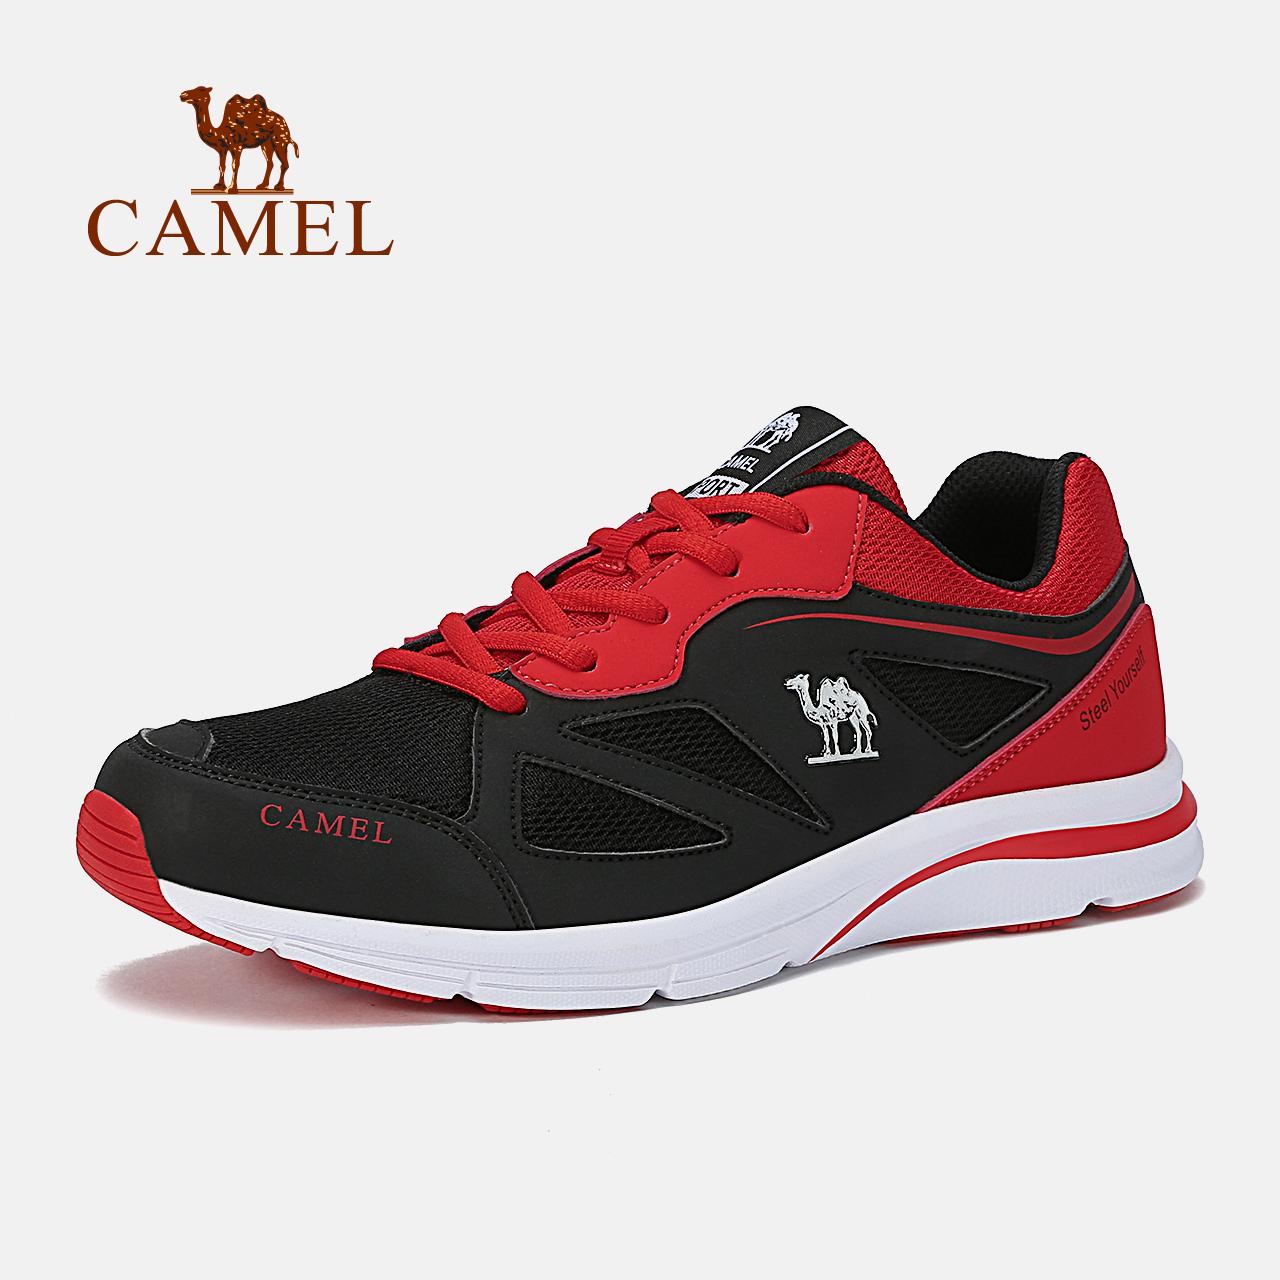 【热销9万】骆驼运动鞋女 轻便透气跑步鞋 减震耐磨跑鞋休闲鞋男